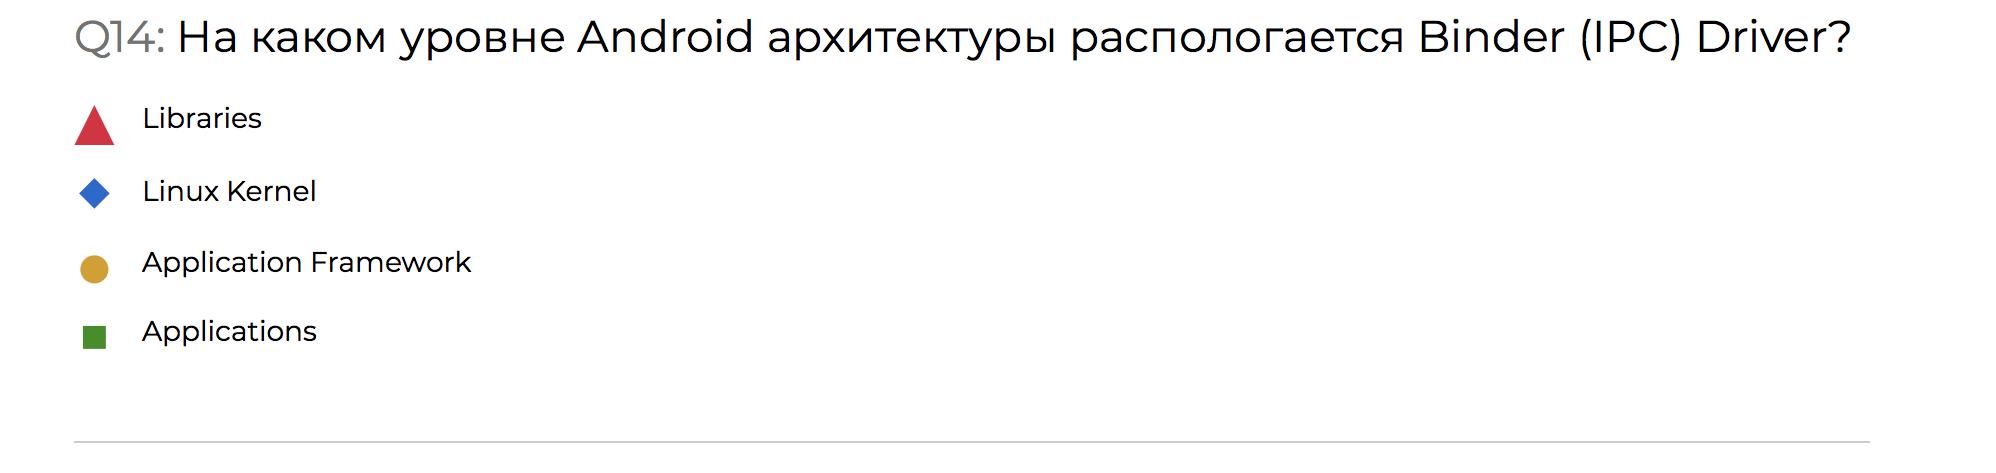 Разбор конкурса-квиза по Android со стенда HeadHunter на Mobius 2018 Moscow - 30